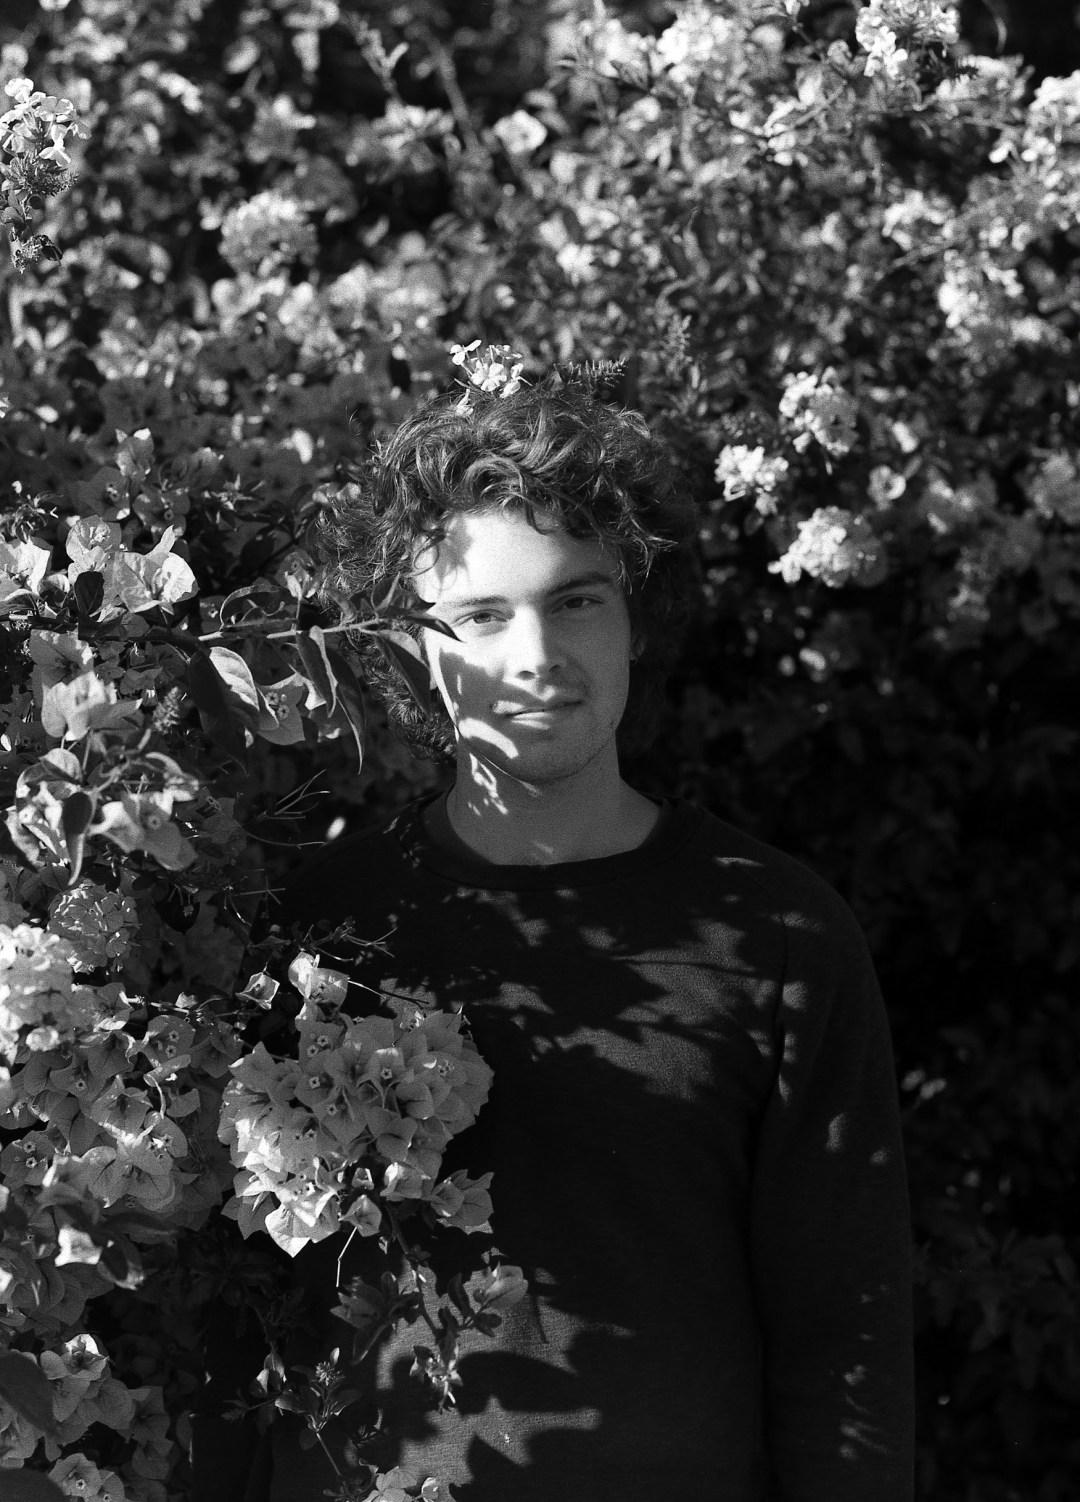 Kristen Walters